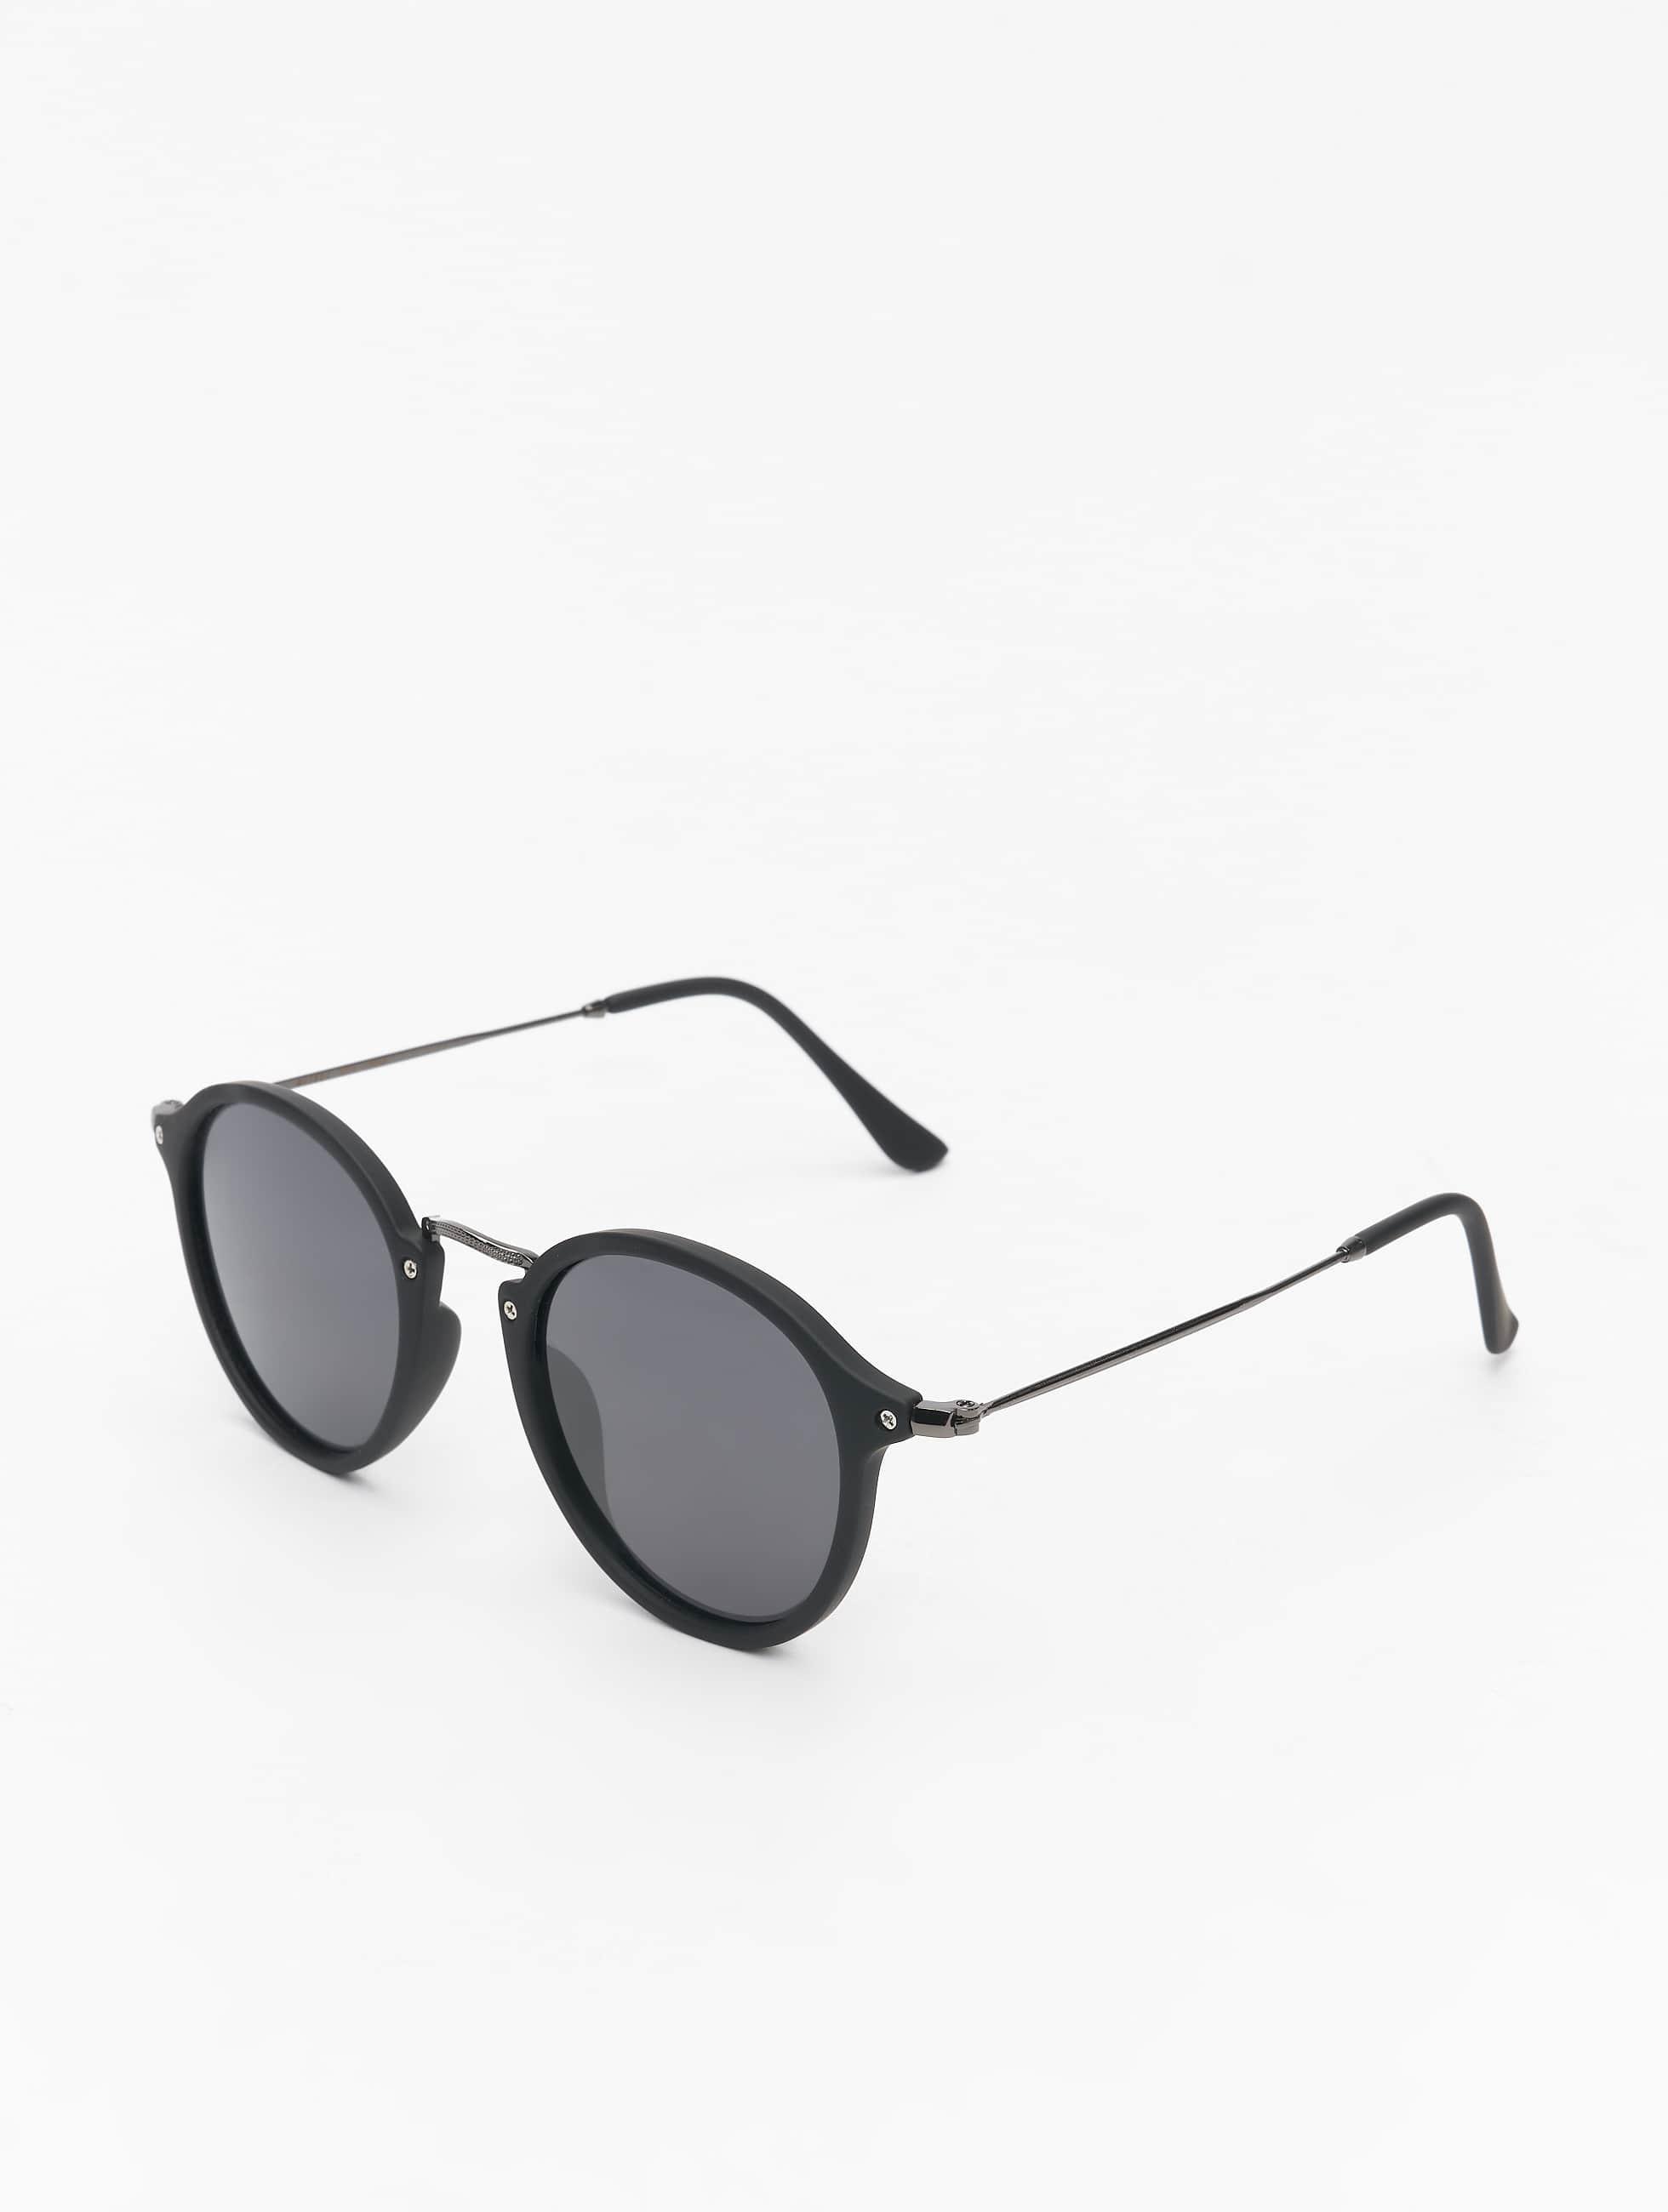 Sonnenbrille Spy Polarized Mirror in schwarz